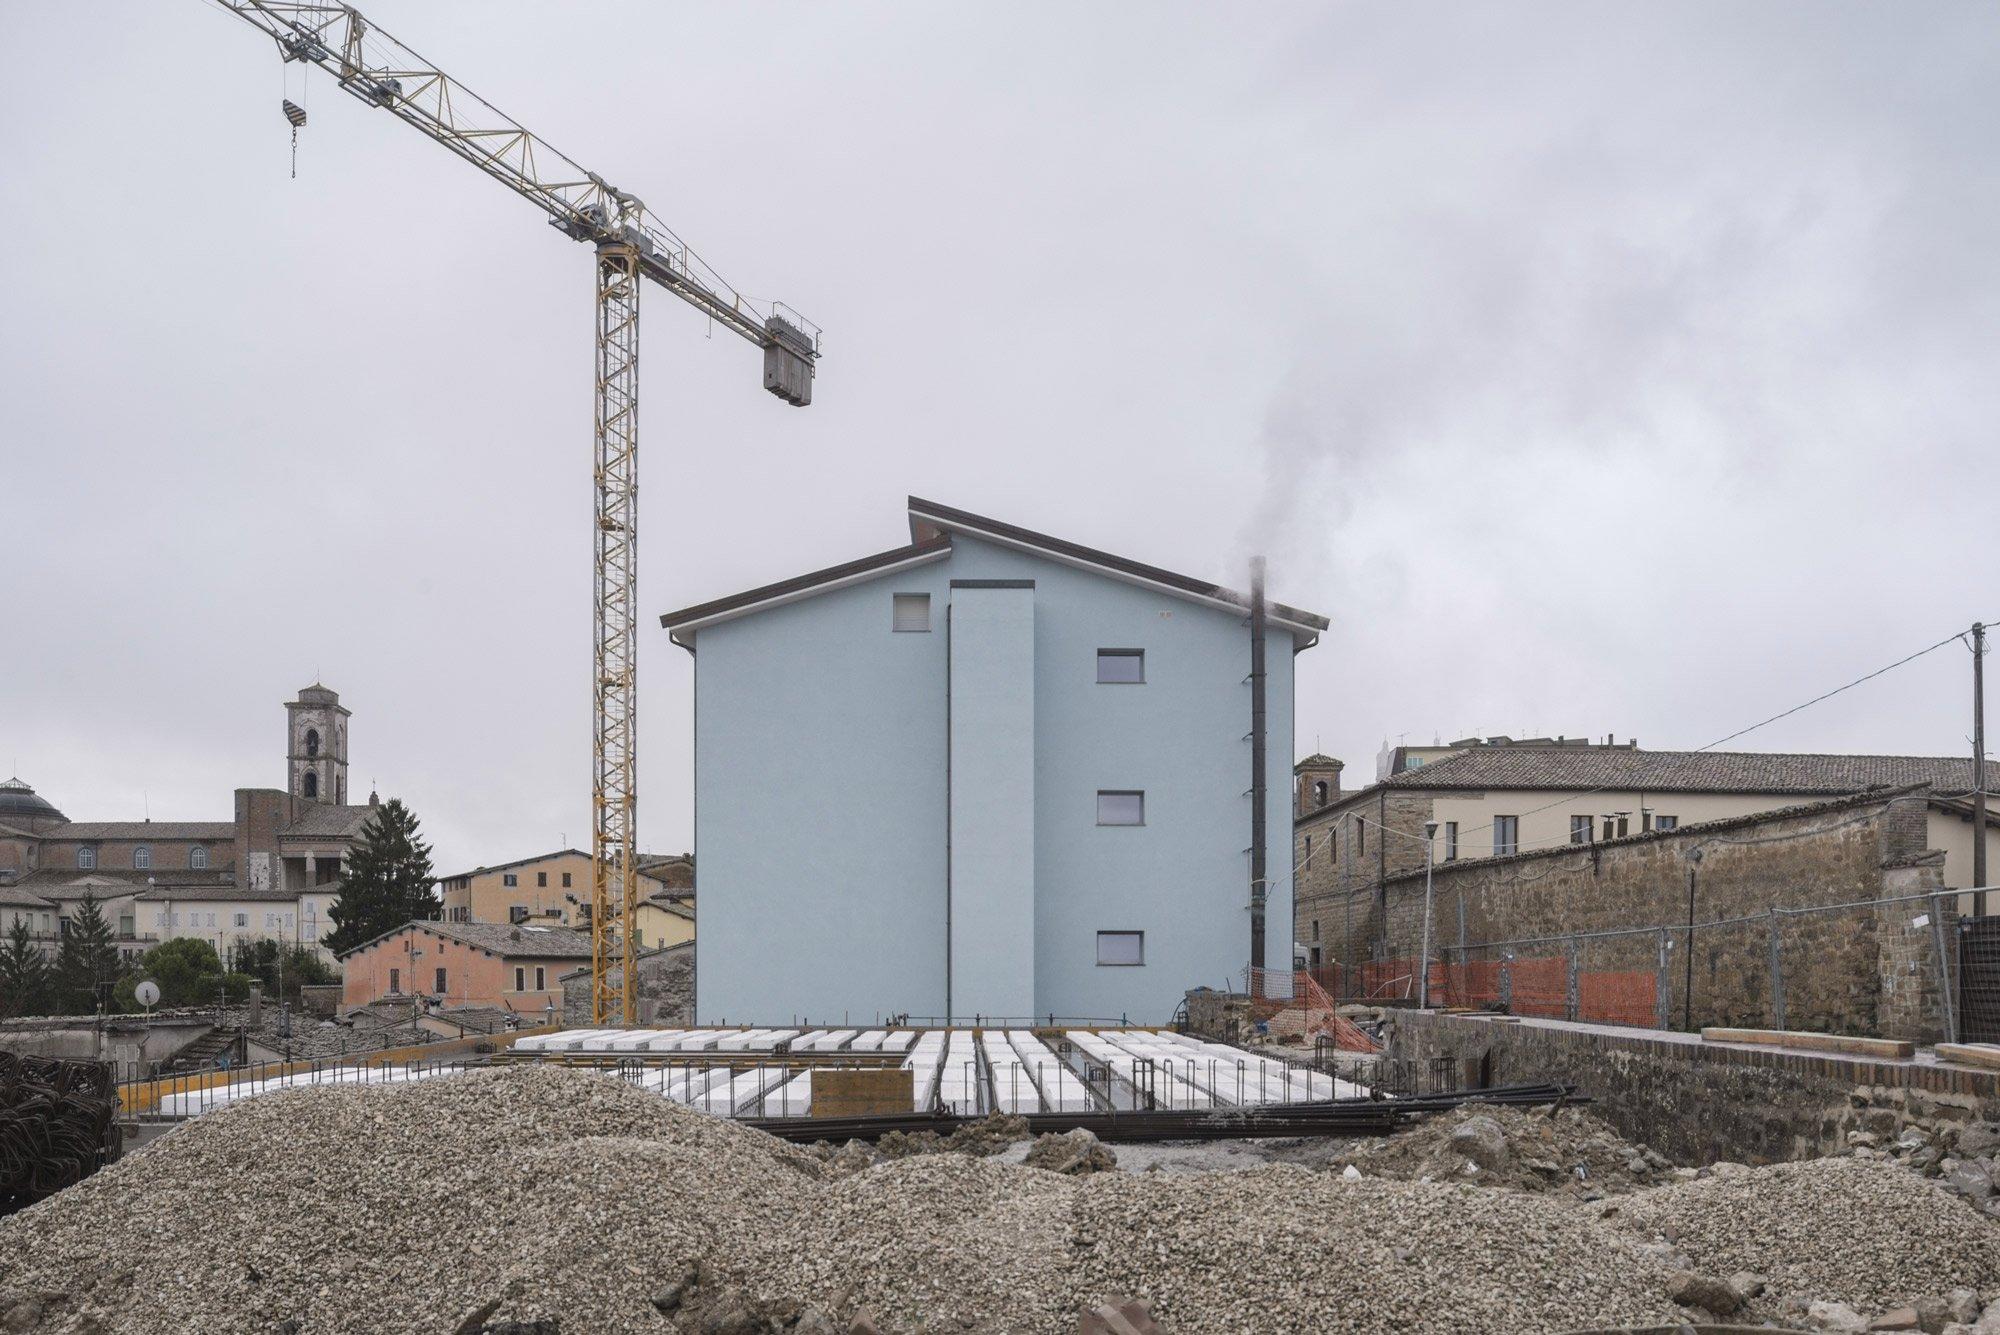 Camerino: a new school © Urban Reports